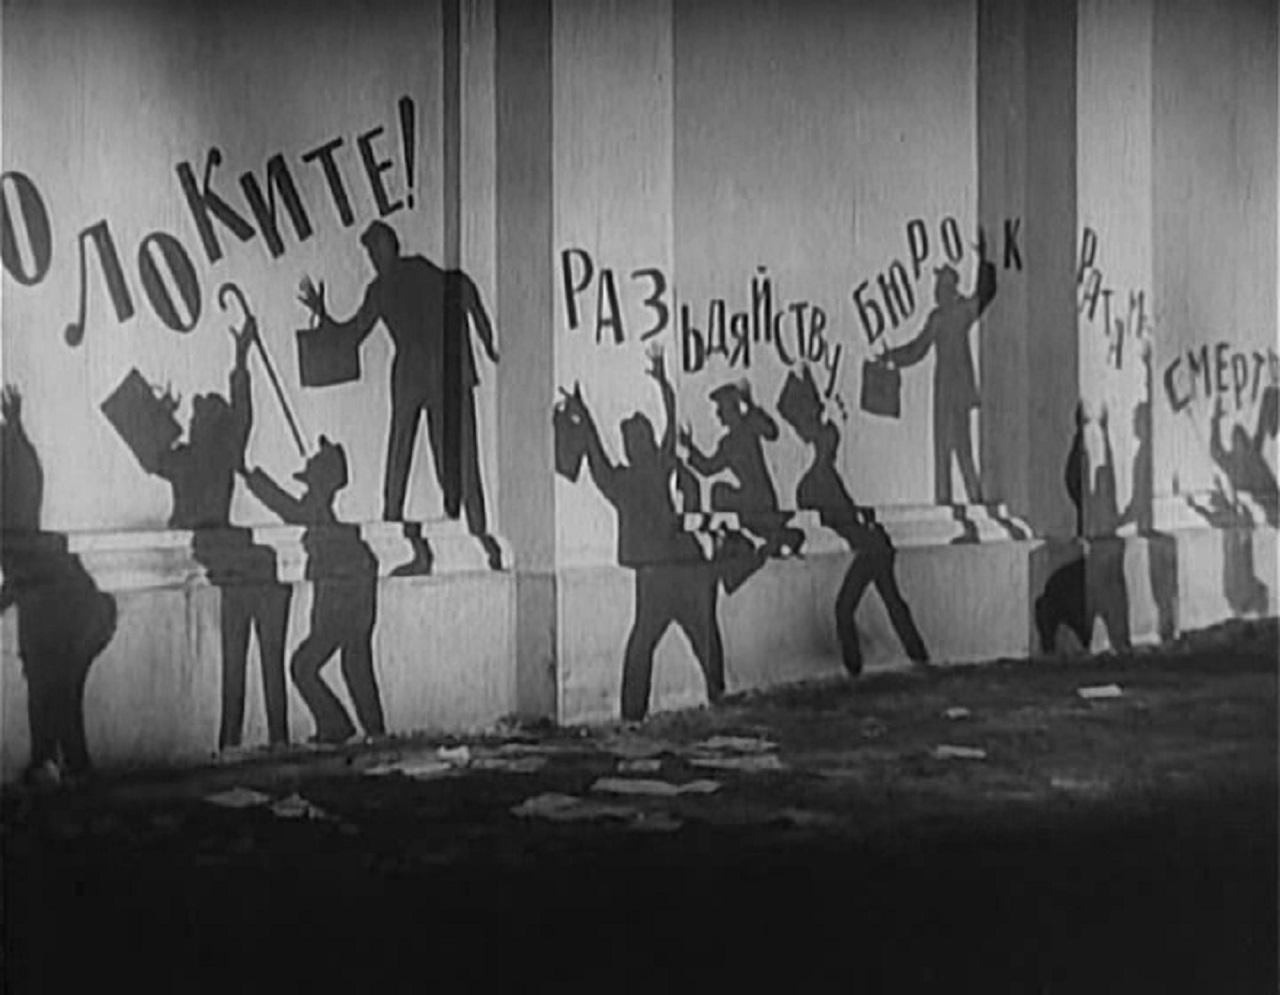 Chemi bebia (1929)